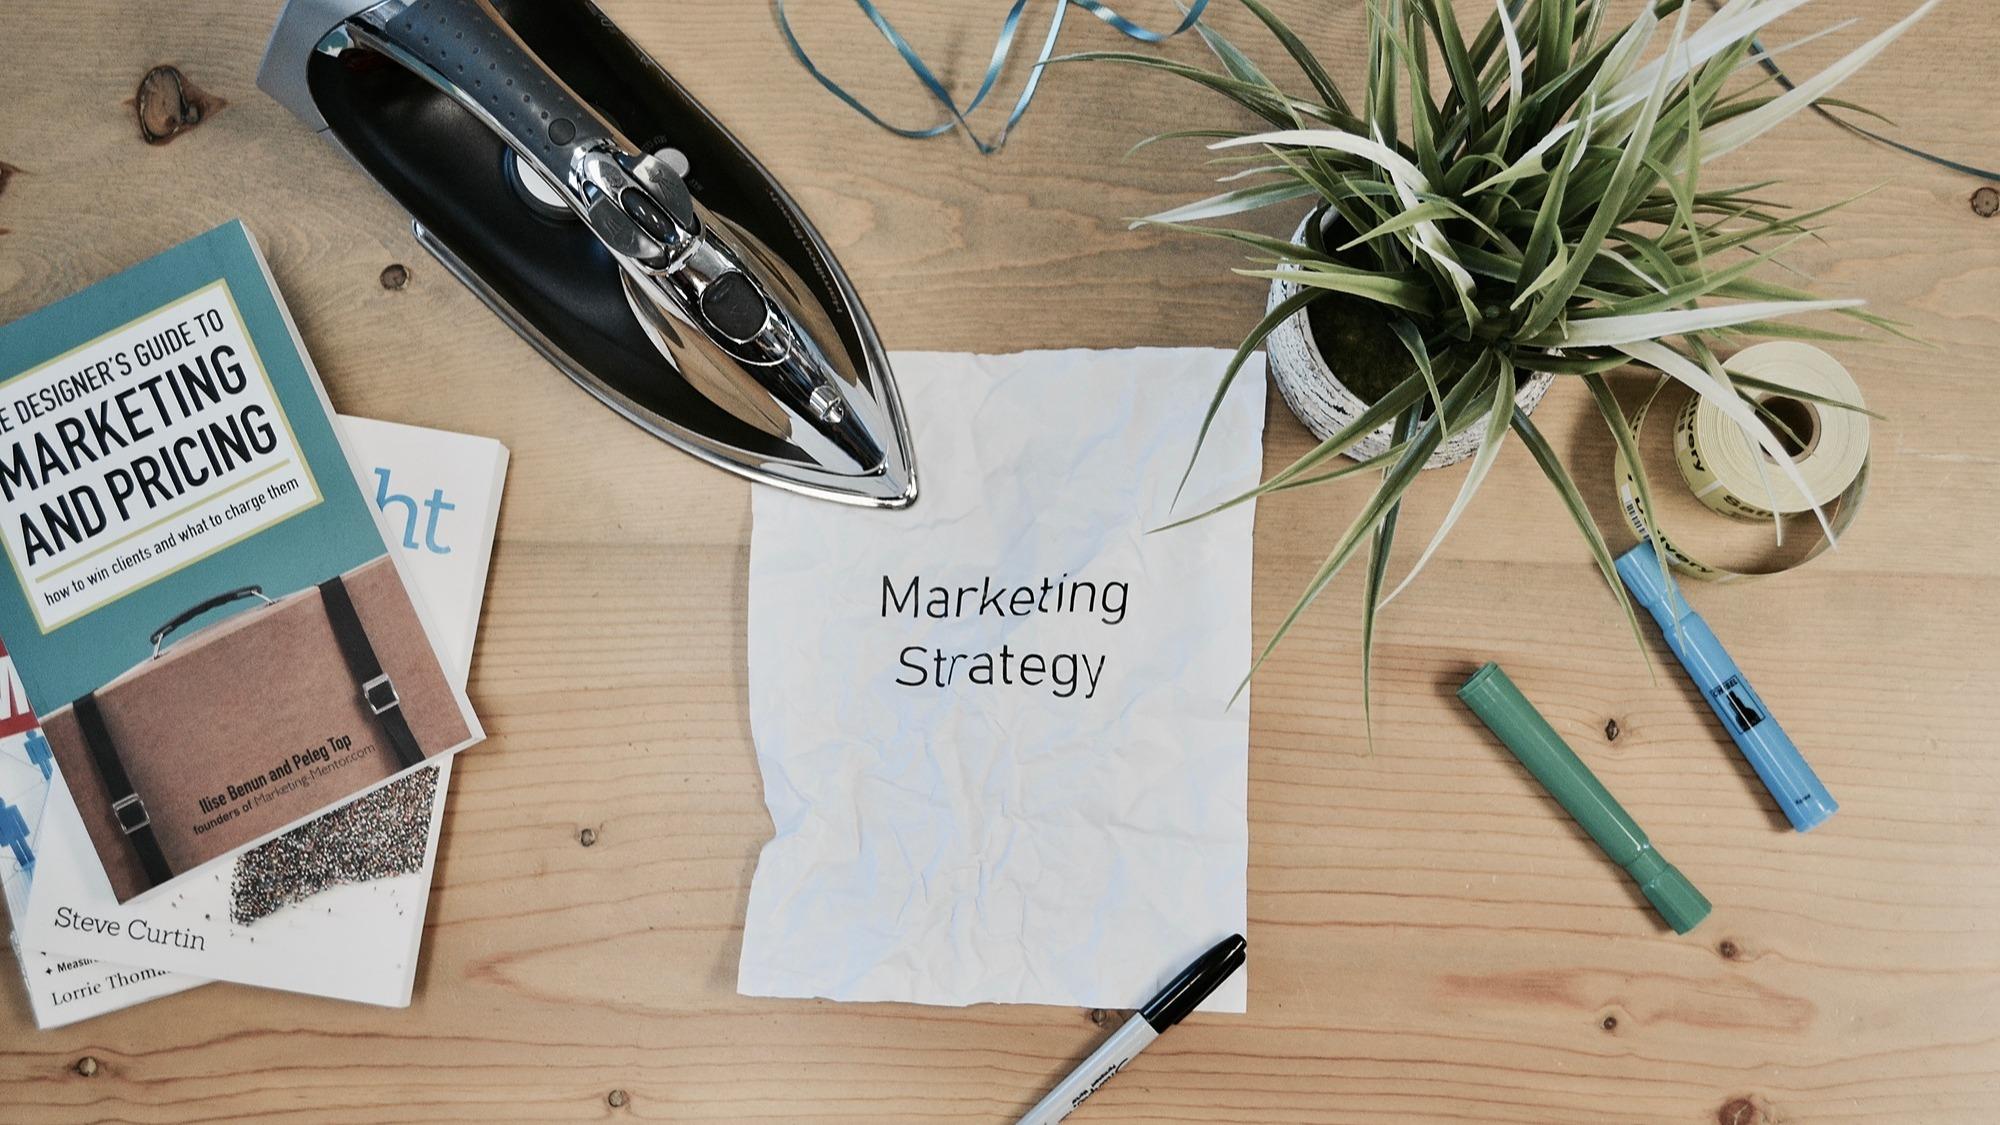 Représentation de la formation : Développer son activité entrepreneuriale à impact positif grâce au marketing digital - Session masterclass